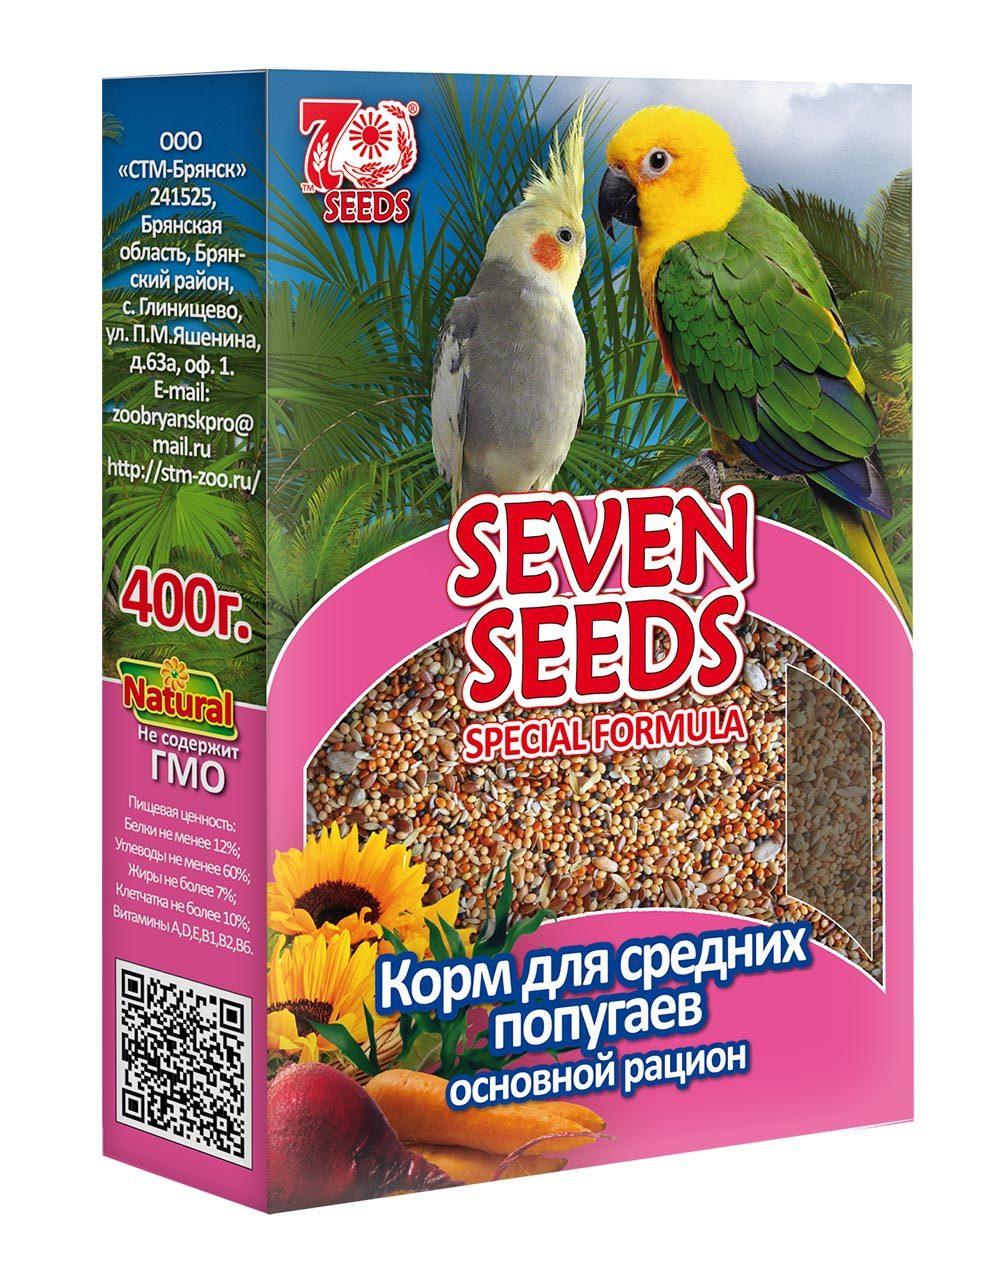 Корм Корм для средних попугаев основной рацион Seven Seeds Special 7-SEEDS-pop-crednie.jpg